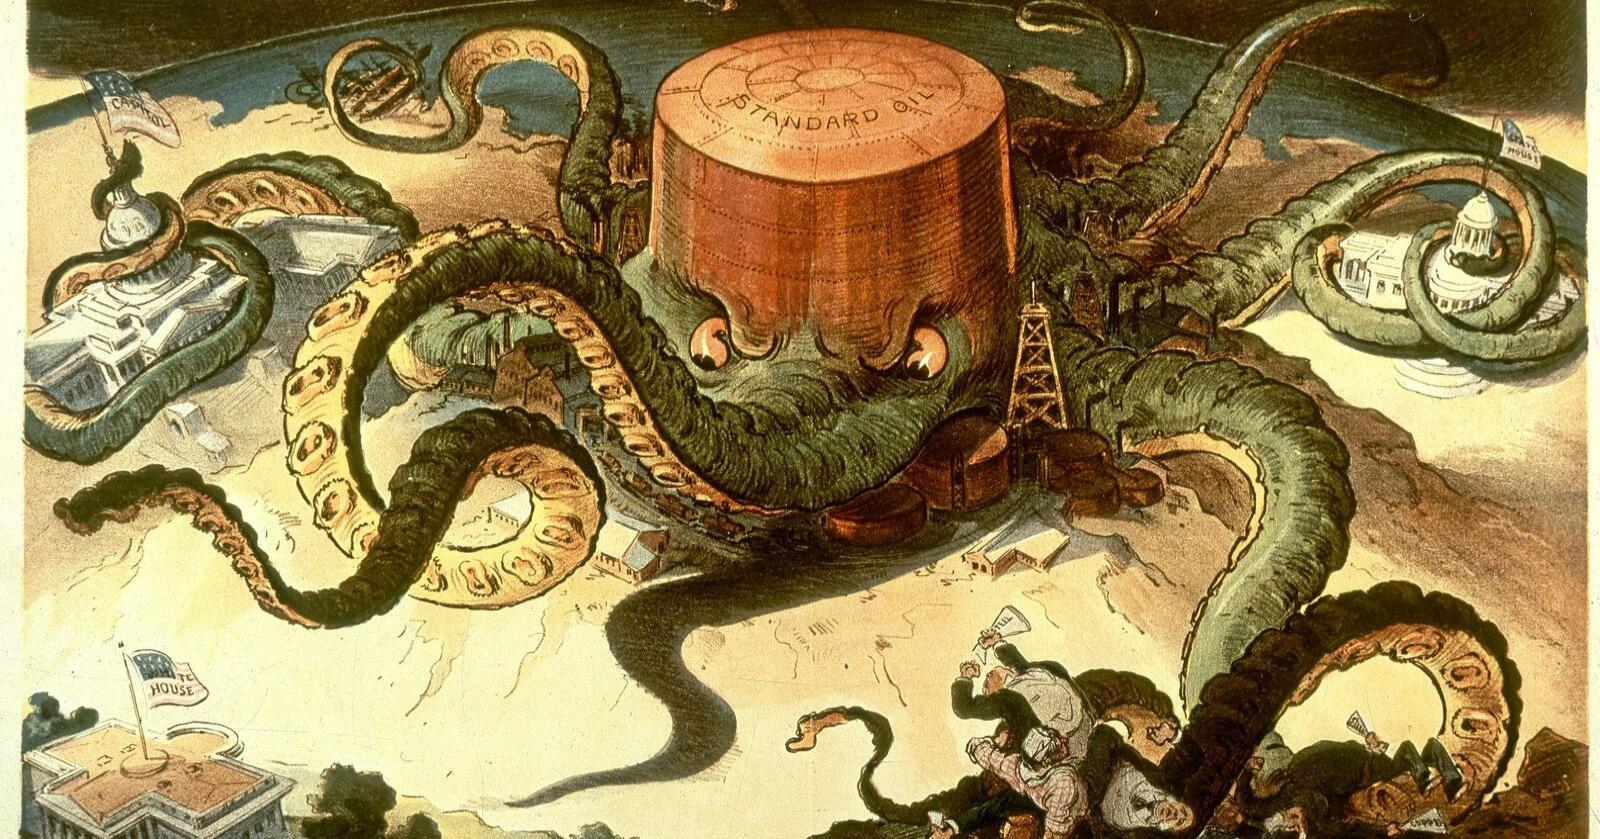 Blekksprut: Det gikk hardt for seg da oljegiganten Standard Oil ble oppløst i USA. Dette eren karikaturtegning fra 1904. Tegning: Udo Keppler/Wikimedia Commons